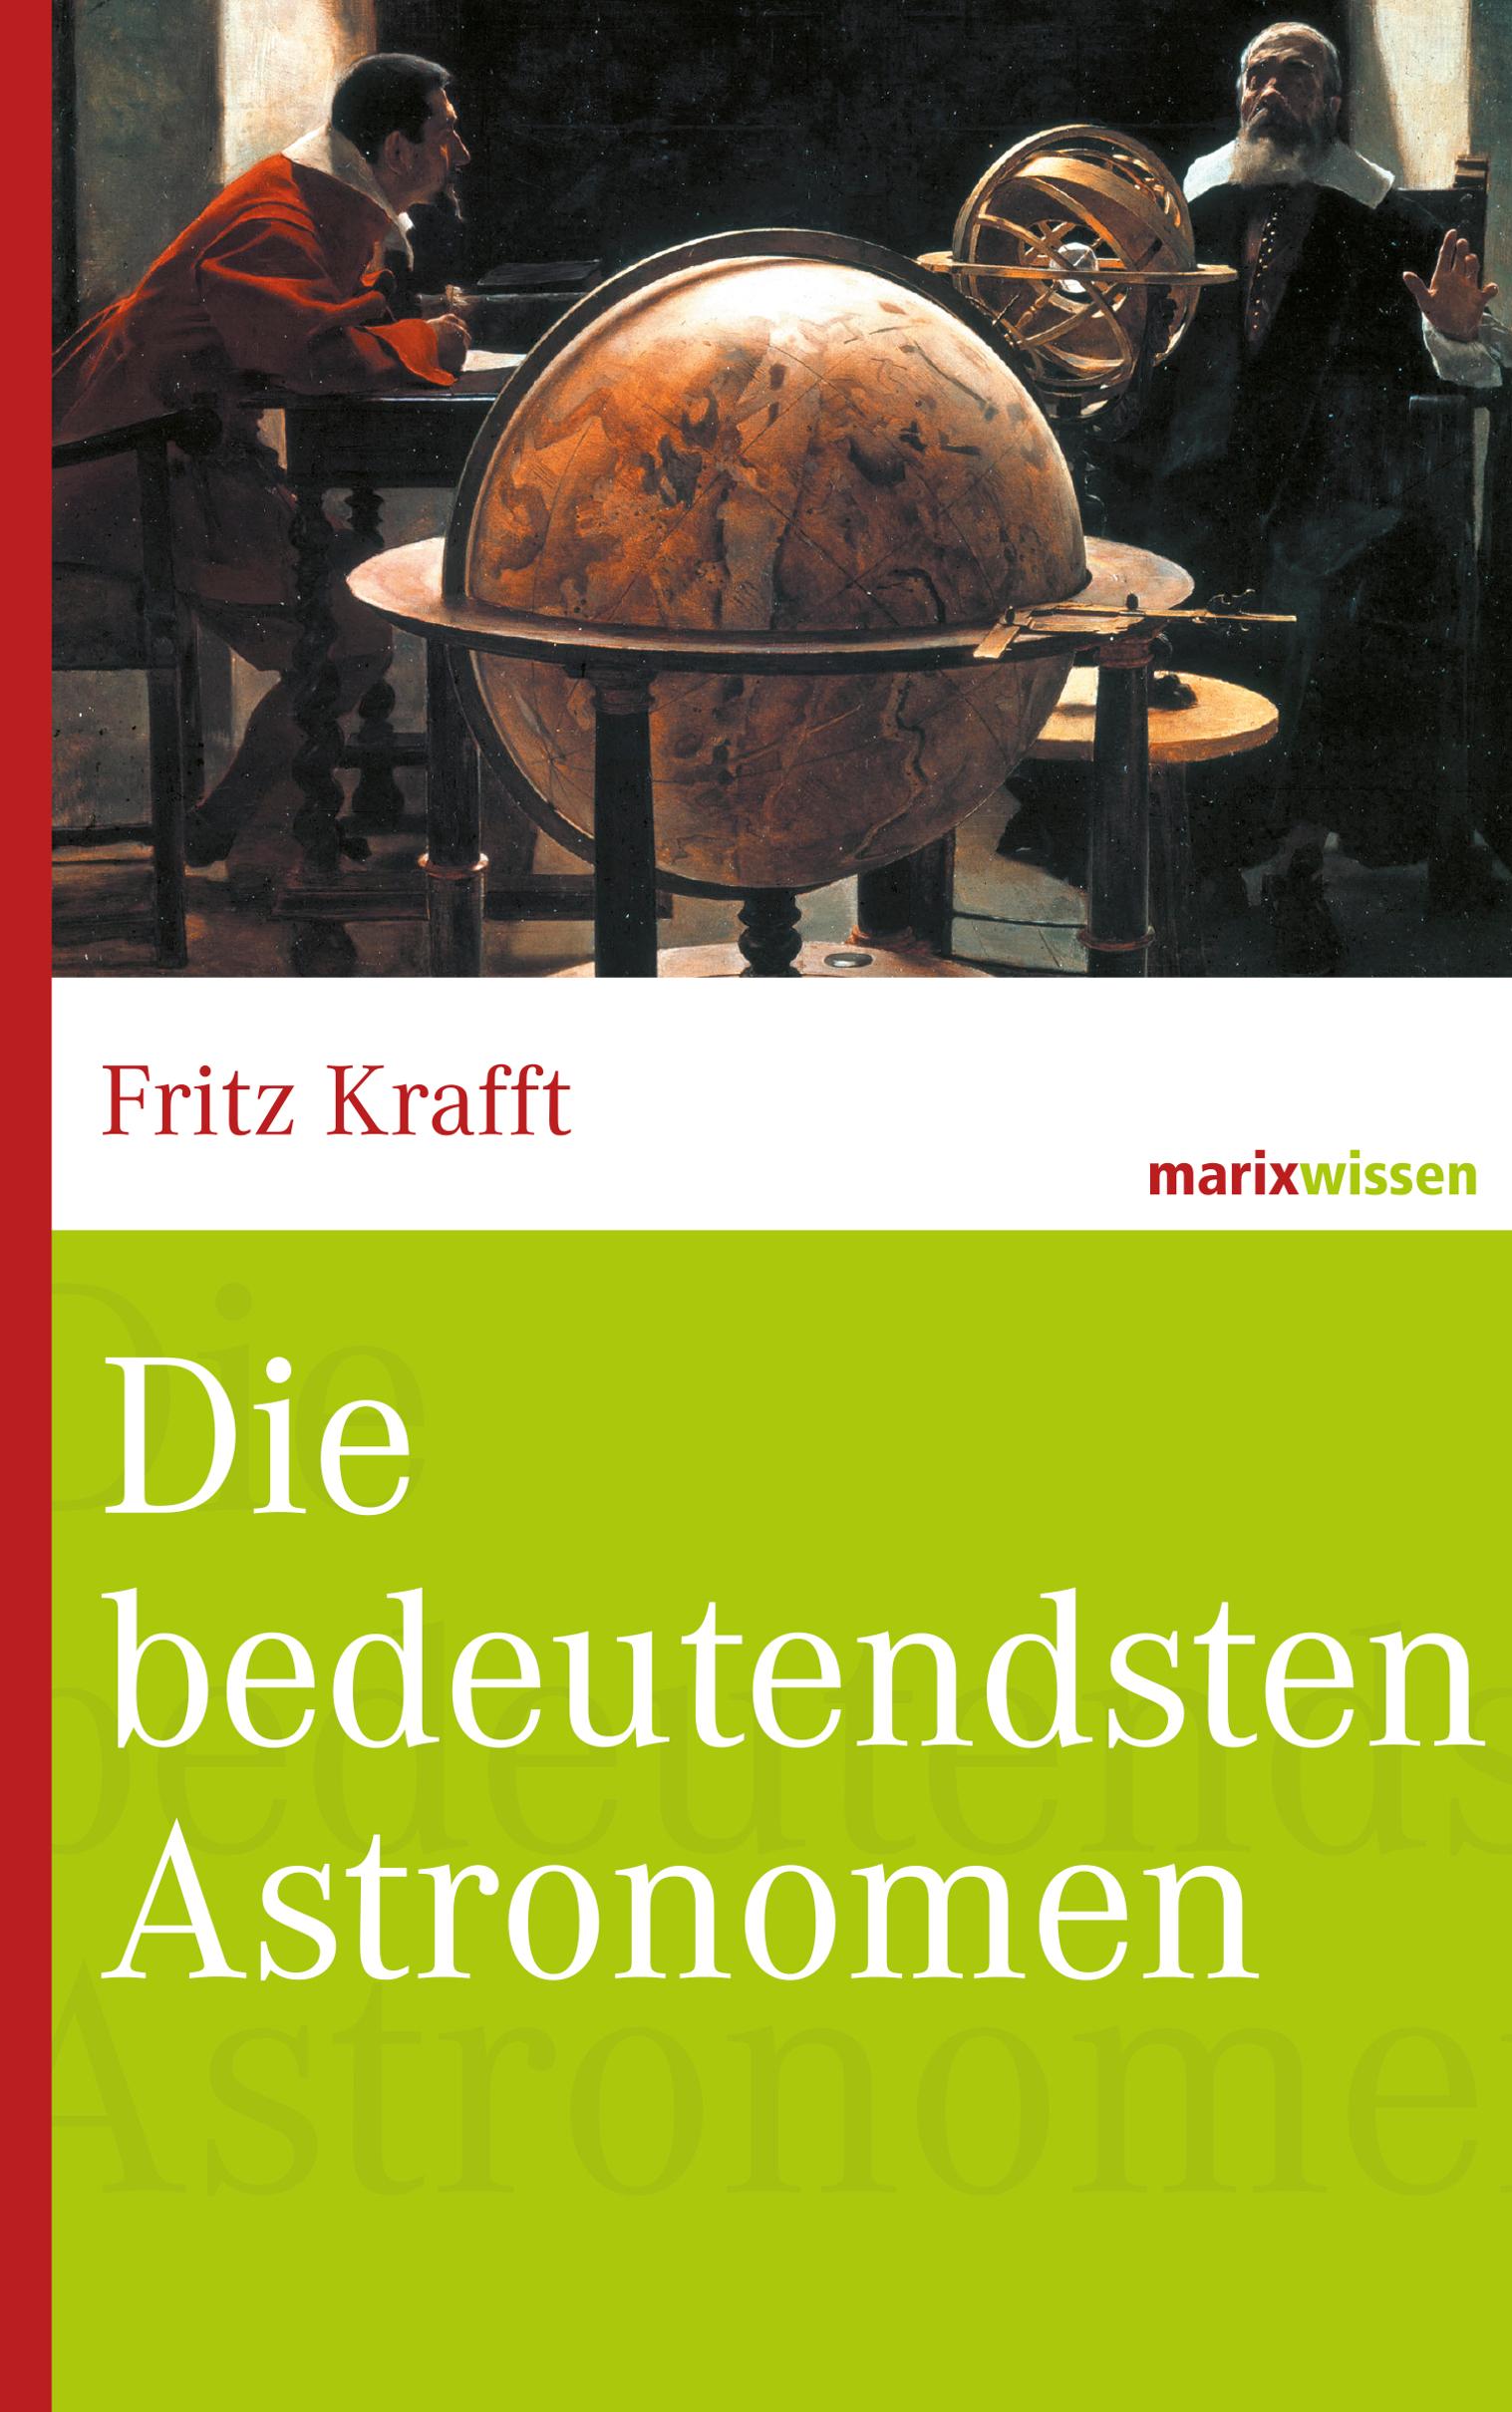 Fritz Krafft Die bedeutendsten Astronomen